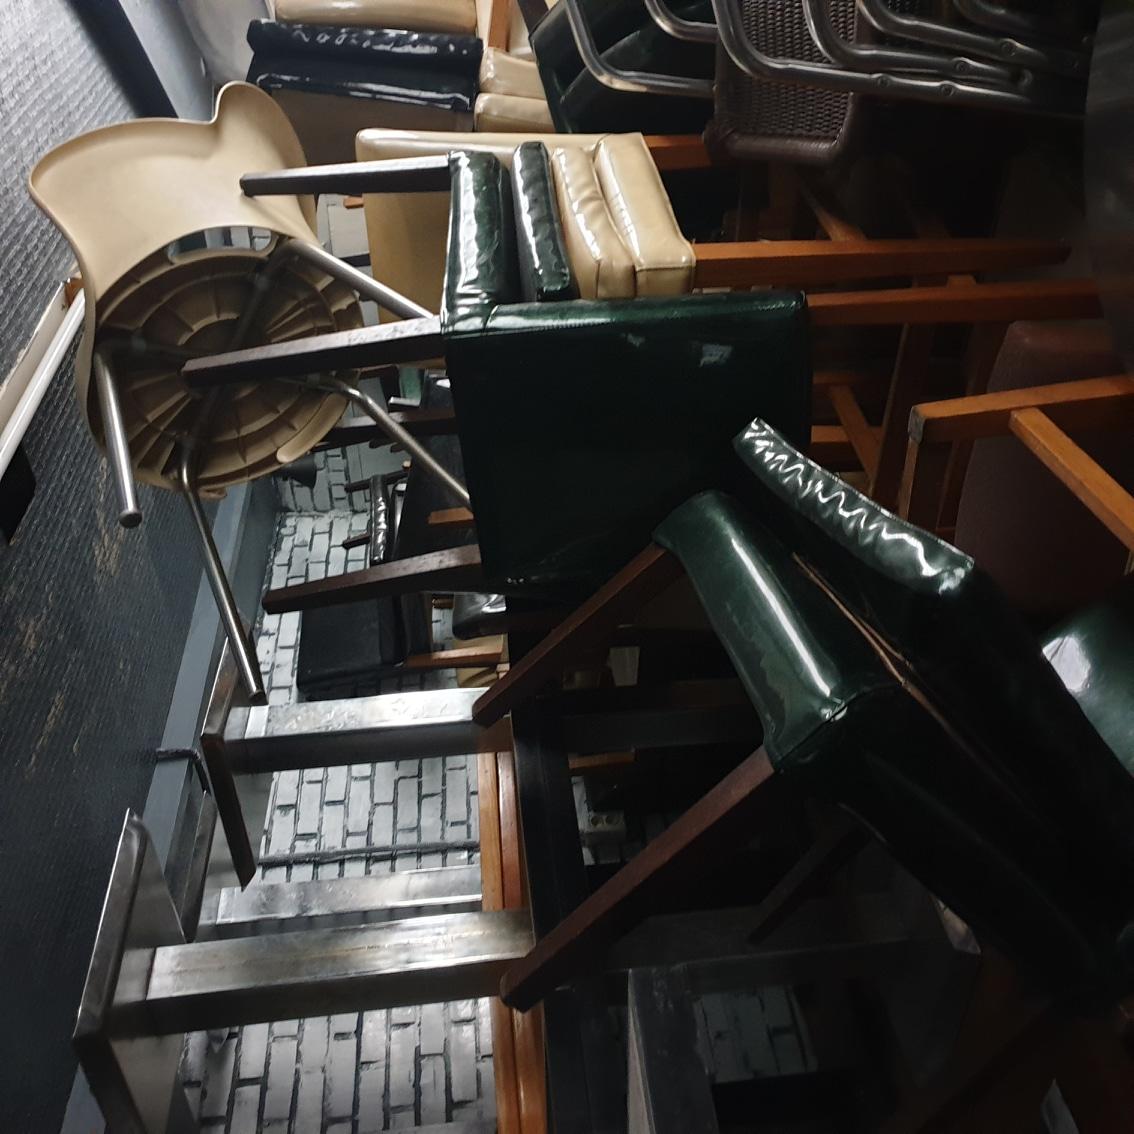 [재개발이주민의 눈물떨이] 의자, 쇼파, 테이블, 테이블 다리~실사용 6개월! 방치된지 수년째, 입양해가실분~